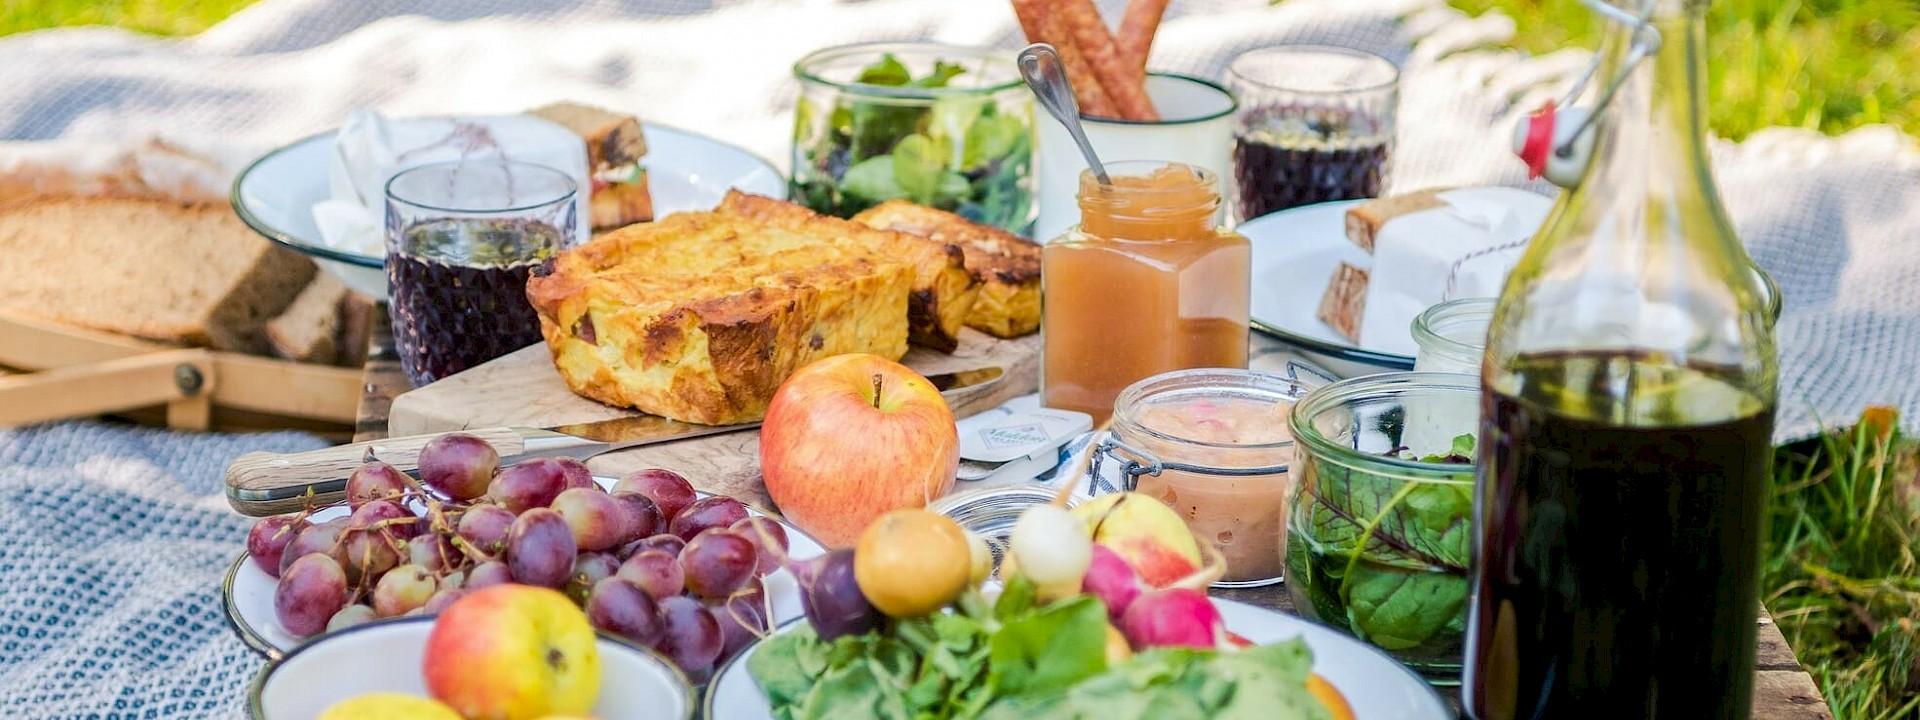 Nachhaltig geniessen! No-Waste-Picknick-Tipps